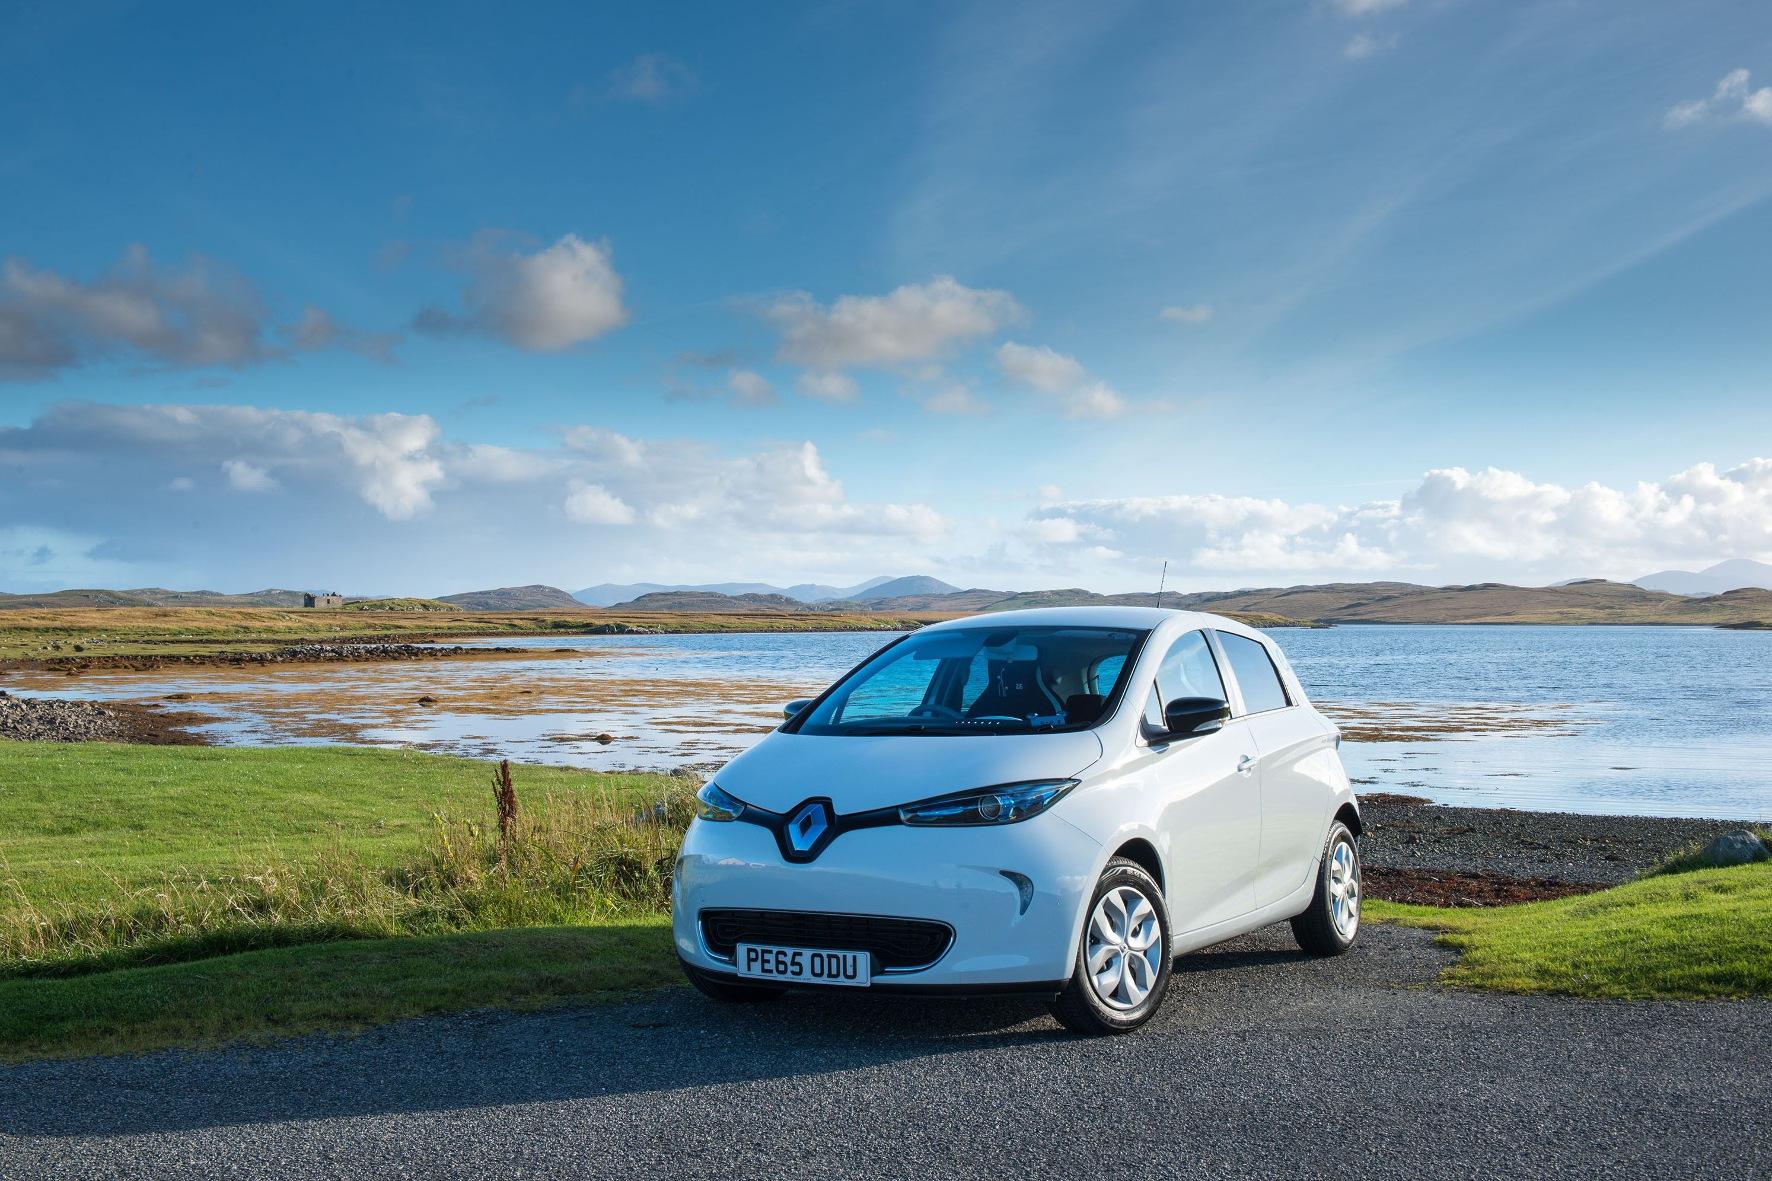 mid Groß-Gerau - Die Kaufprämie für Elektroautos wird Auswirkungen auf den Gebrauchtwagenmarkt haben. Bereits jetzt gehören drei batterieelektrische Modelle zu den zehn Autos mit dem größten Angebotszuwachs.